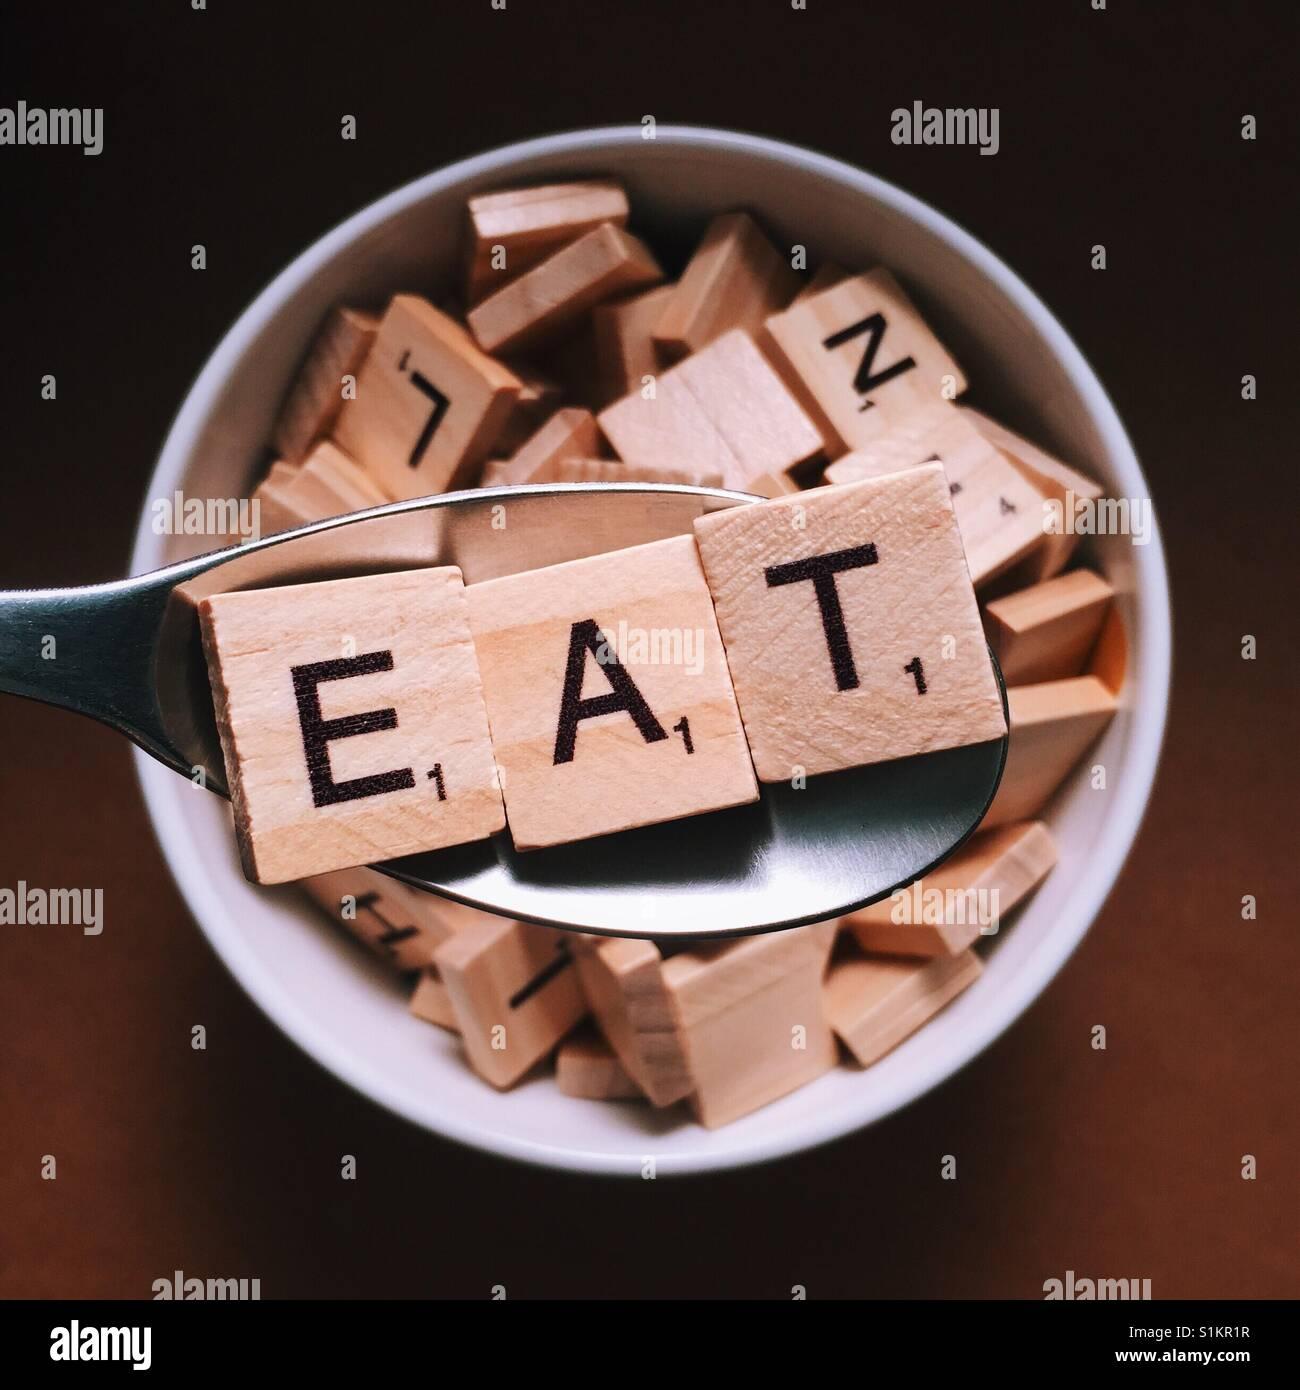 Close up di un cucchiaio di legno di lettere su di esso l'ortografia mangiare e una ciotola piena di lettere Immagini Stock